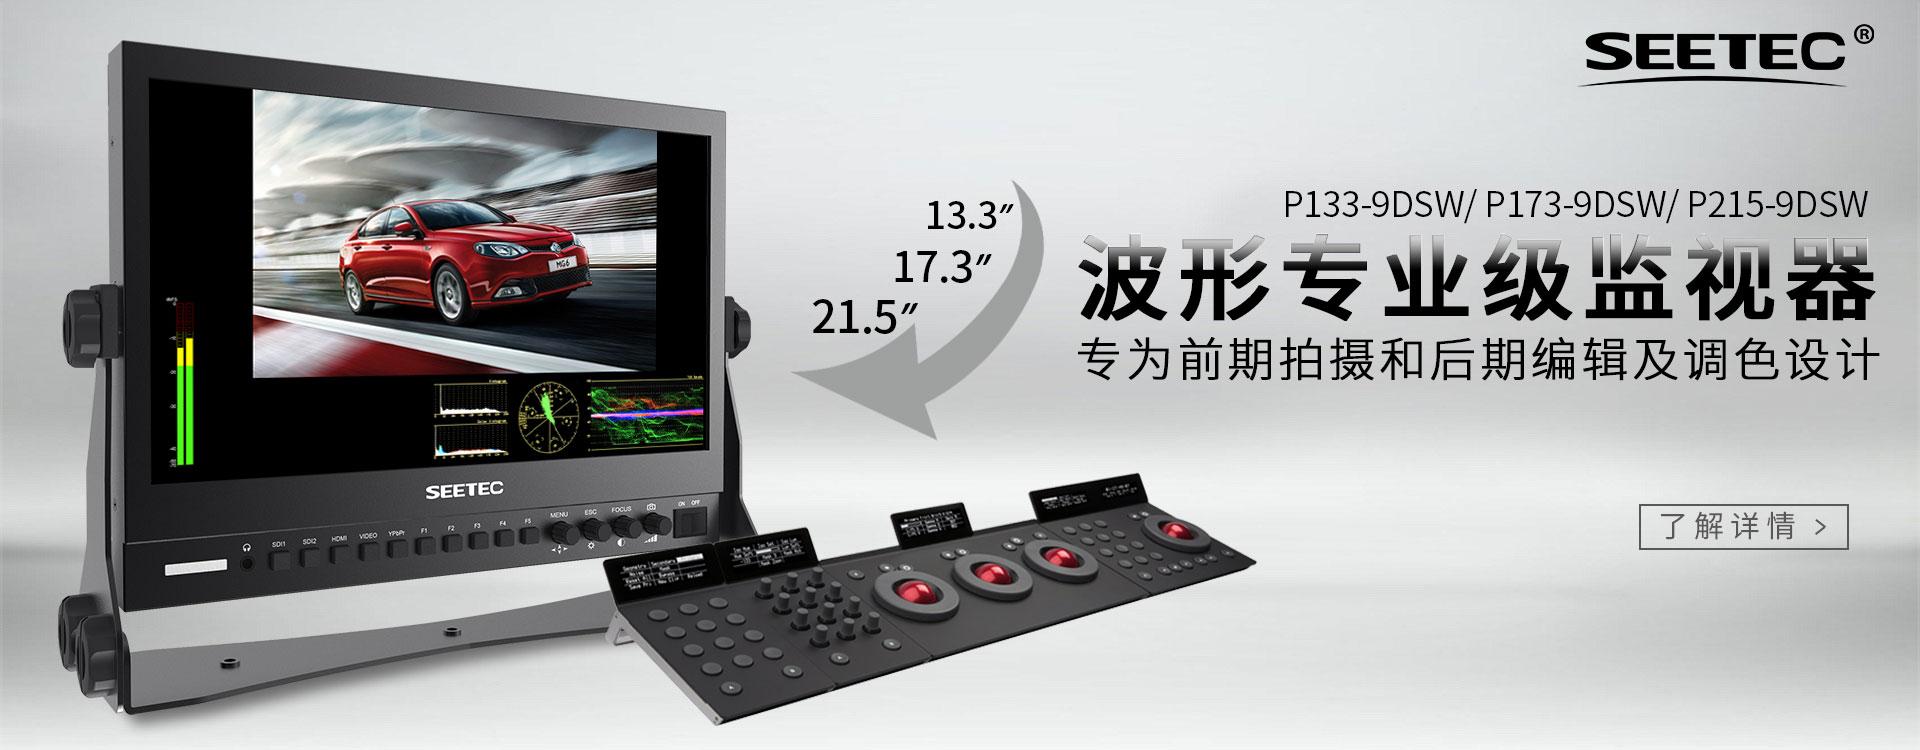 DSW系列-cn